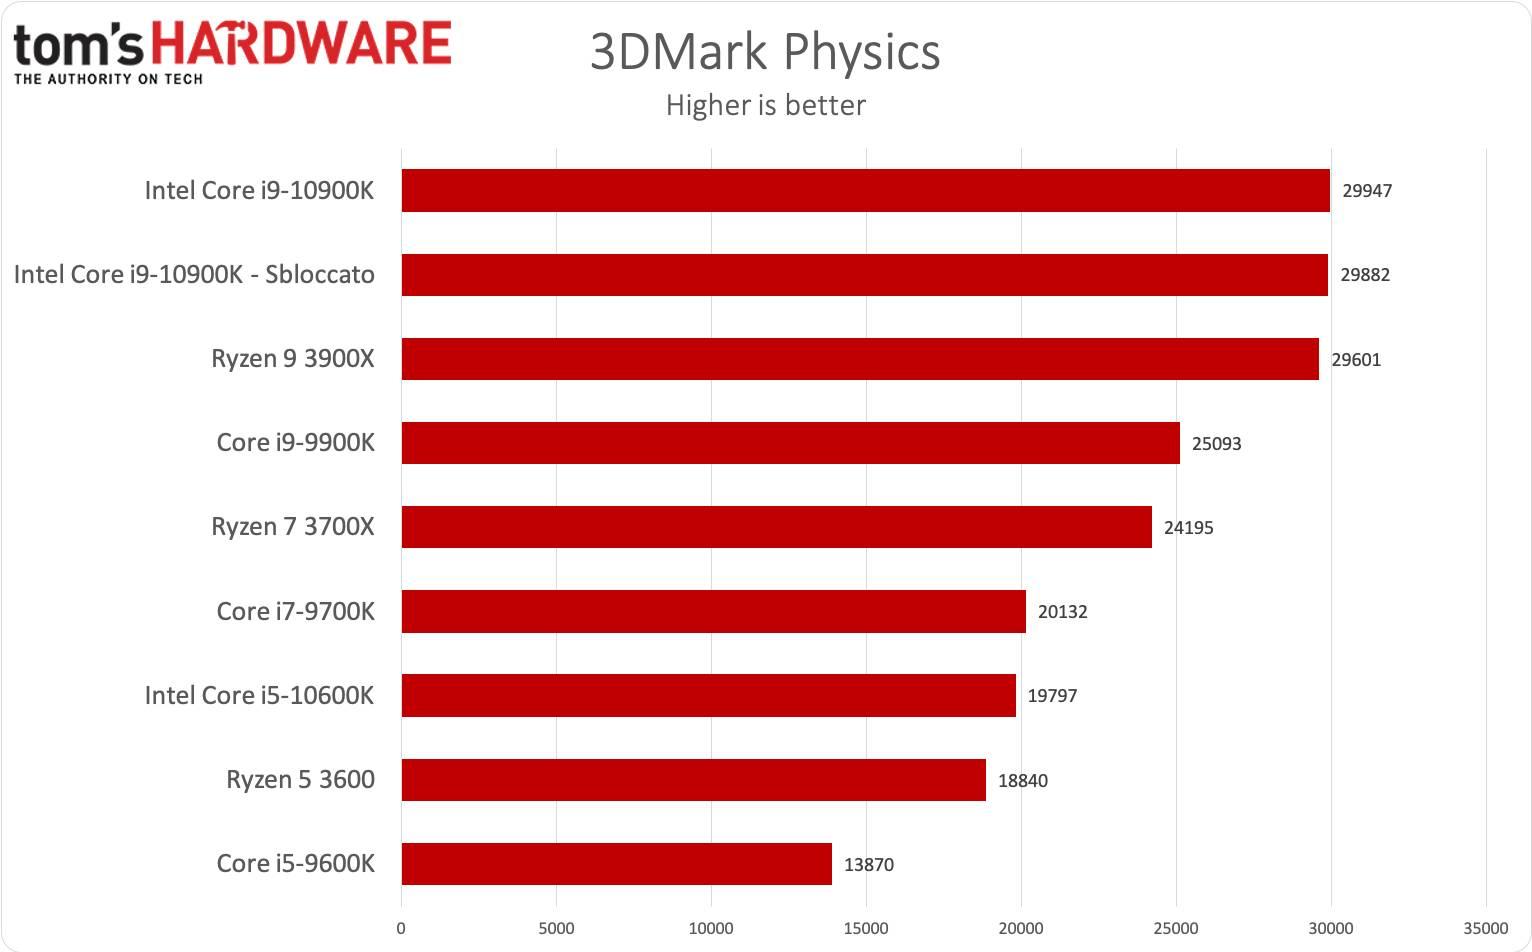 Benchmark i9-10900K e i5-10600K - 3DMark Physics